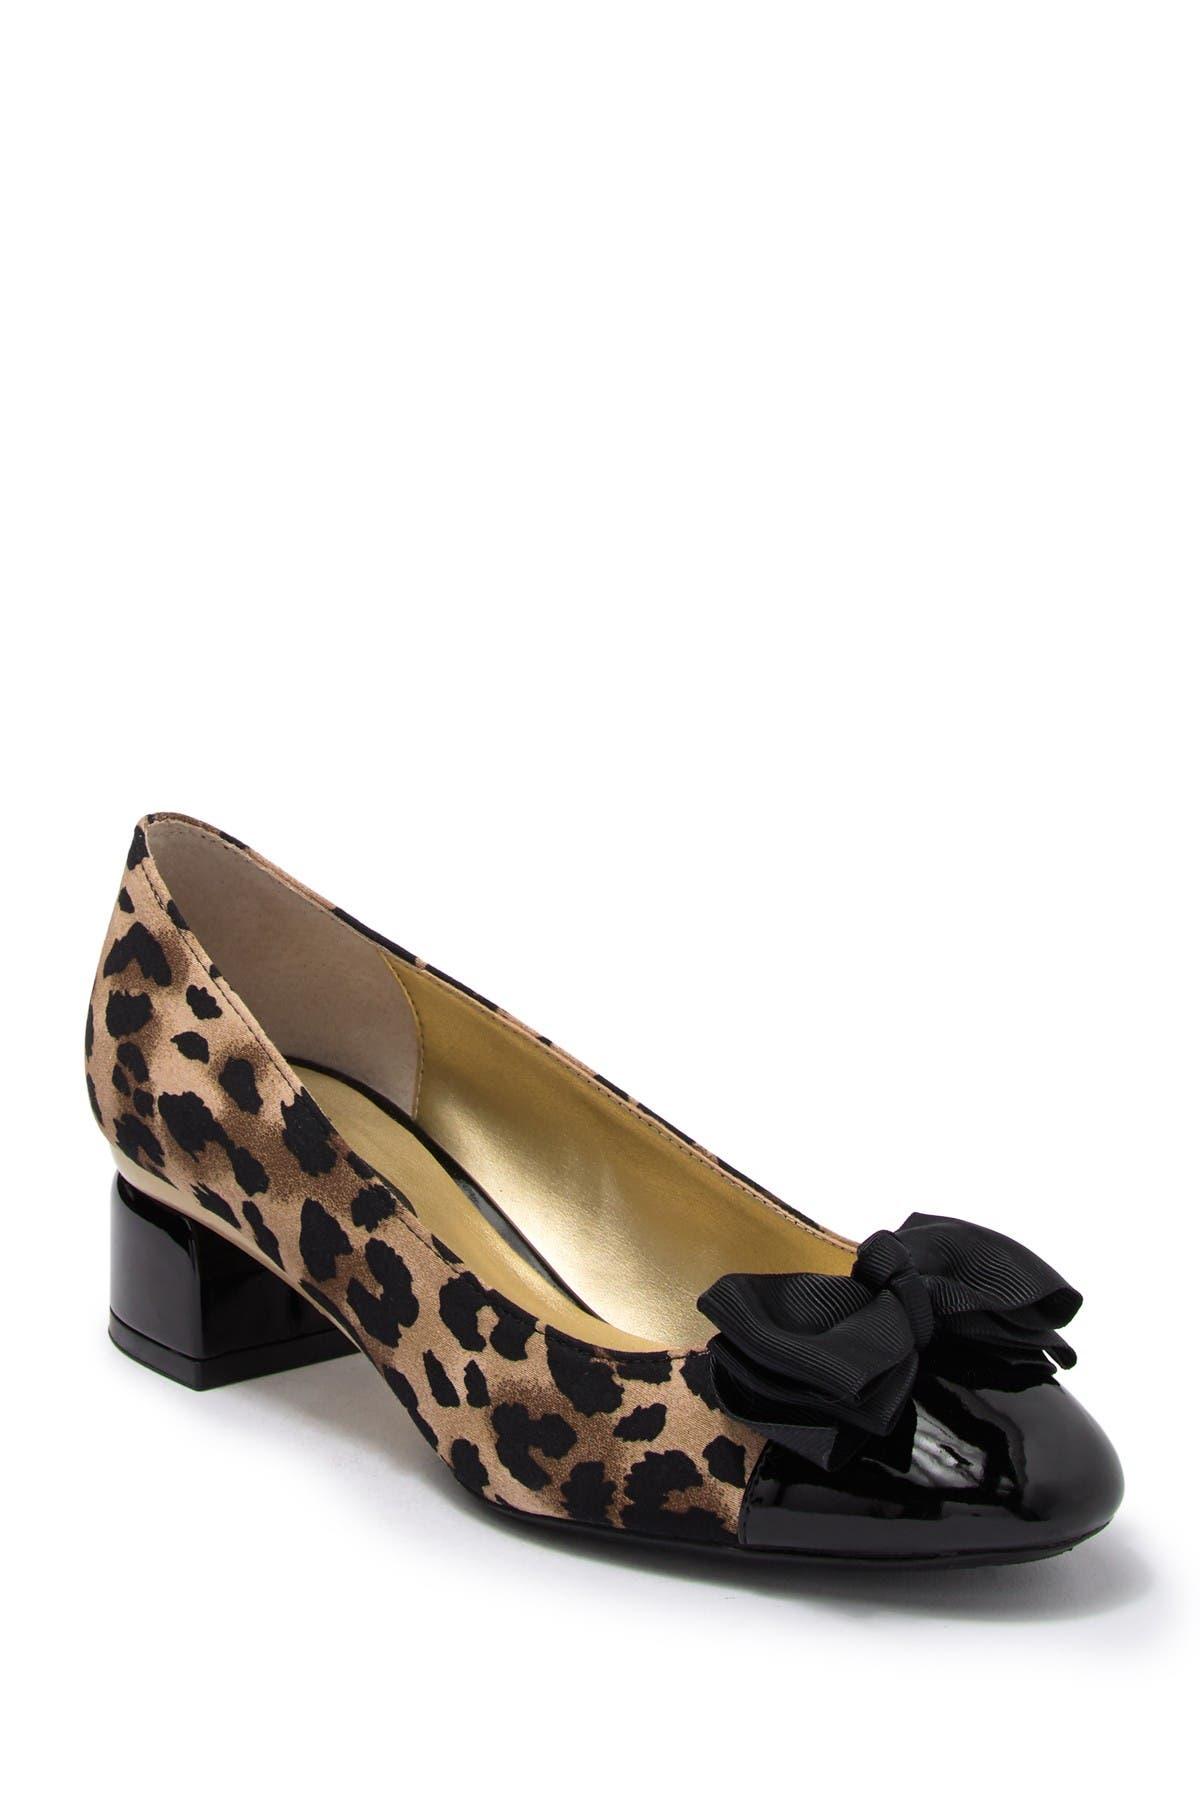 leopard shoes wide width